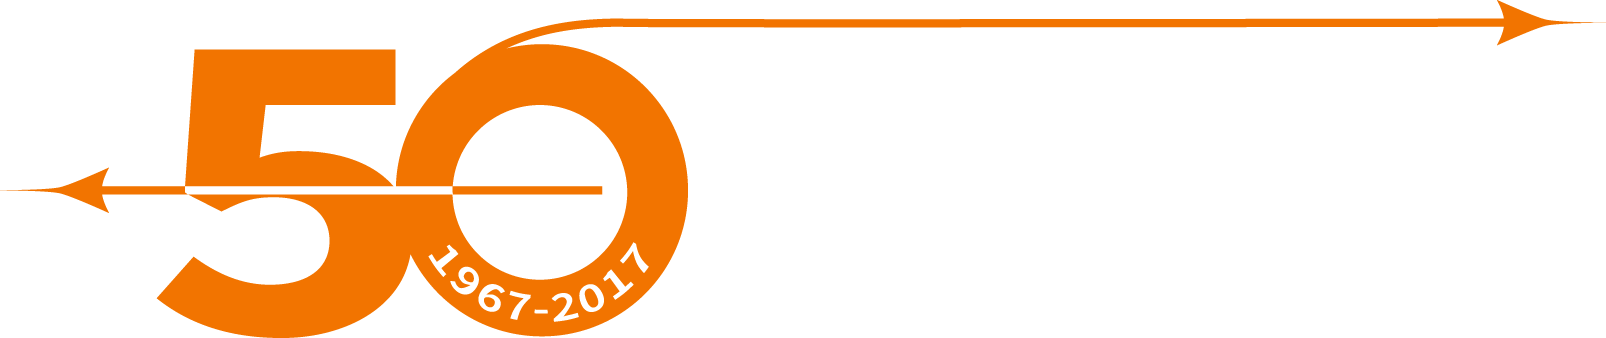 vulcan-logo_50th_orange-white.png